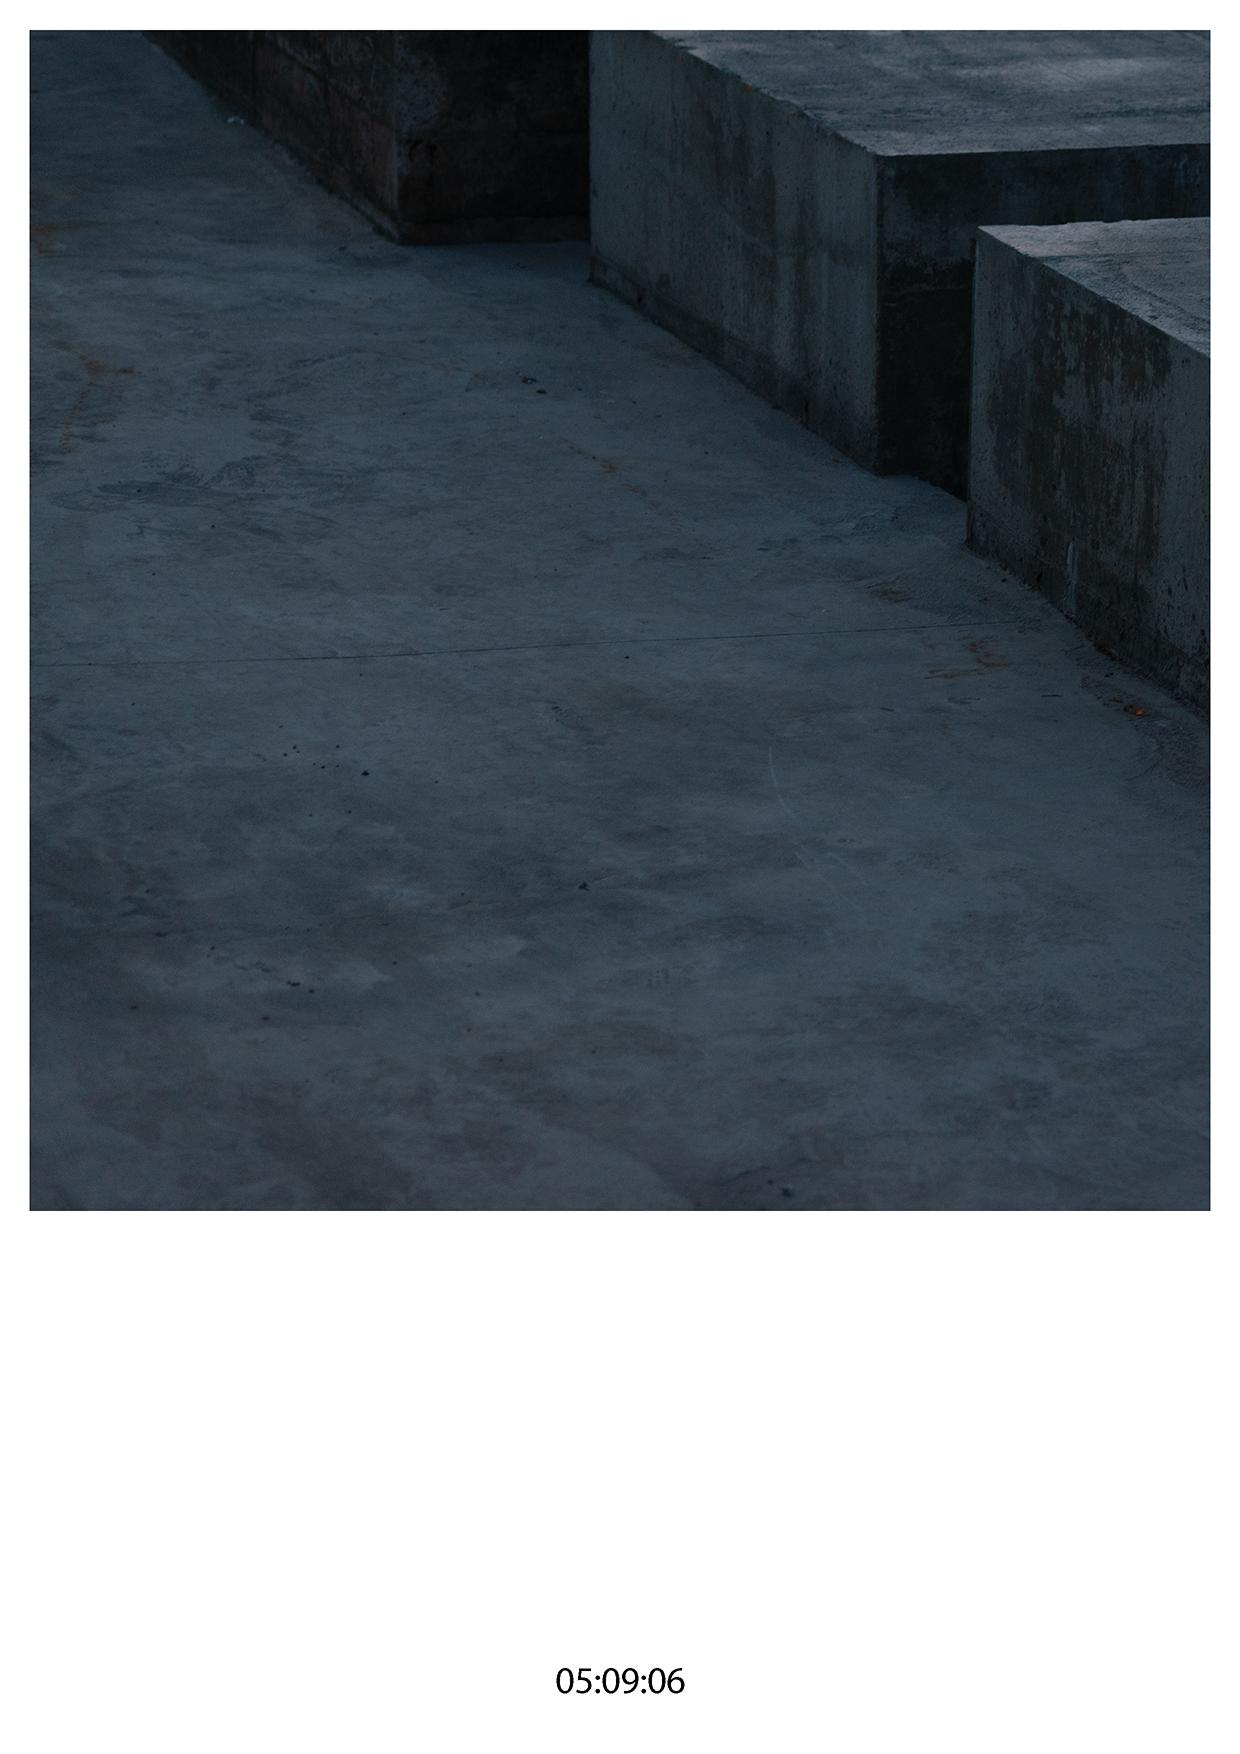 7_Amanecer.jpg